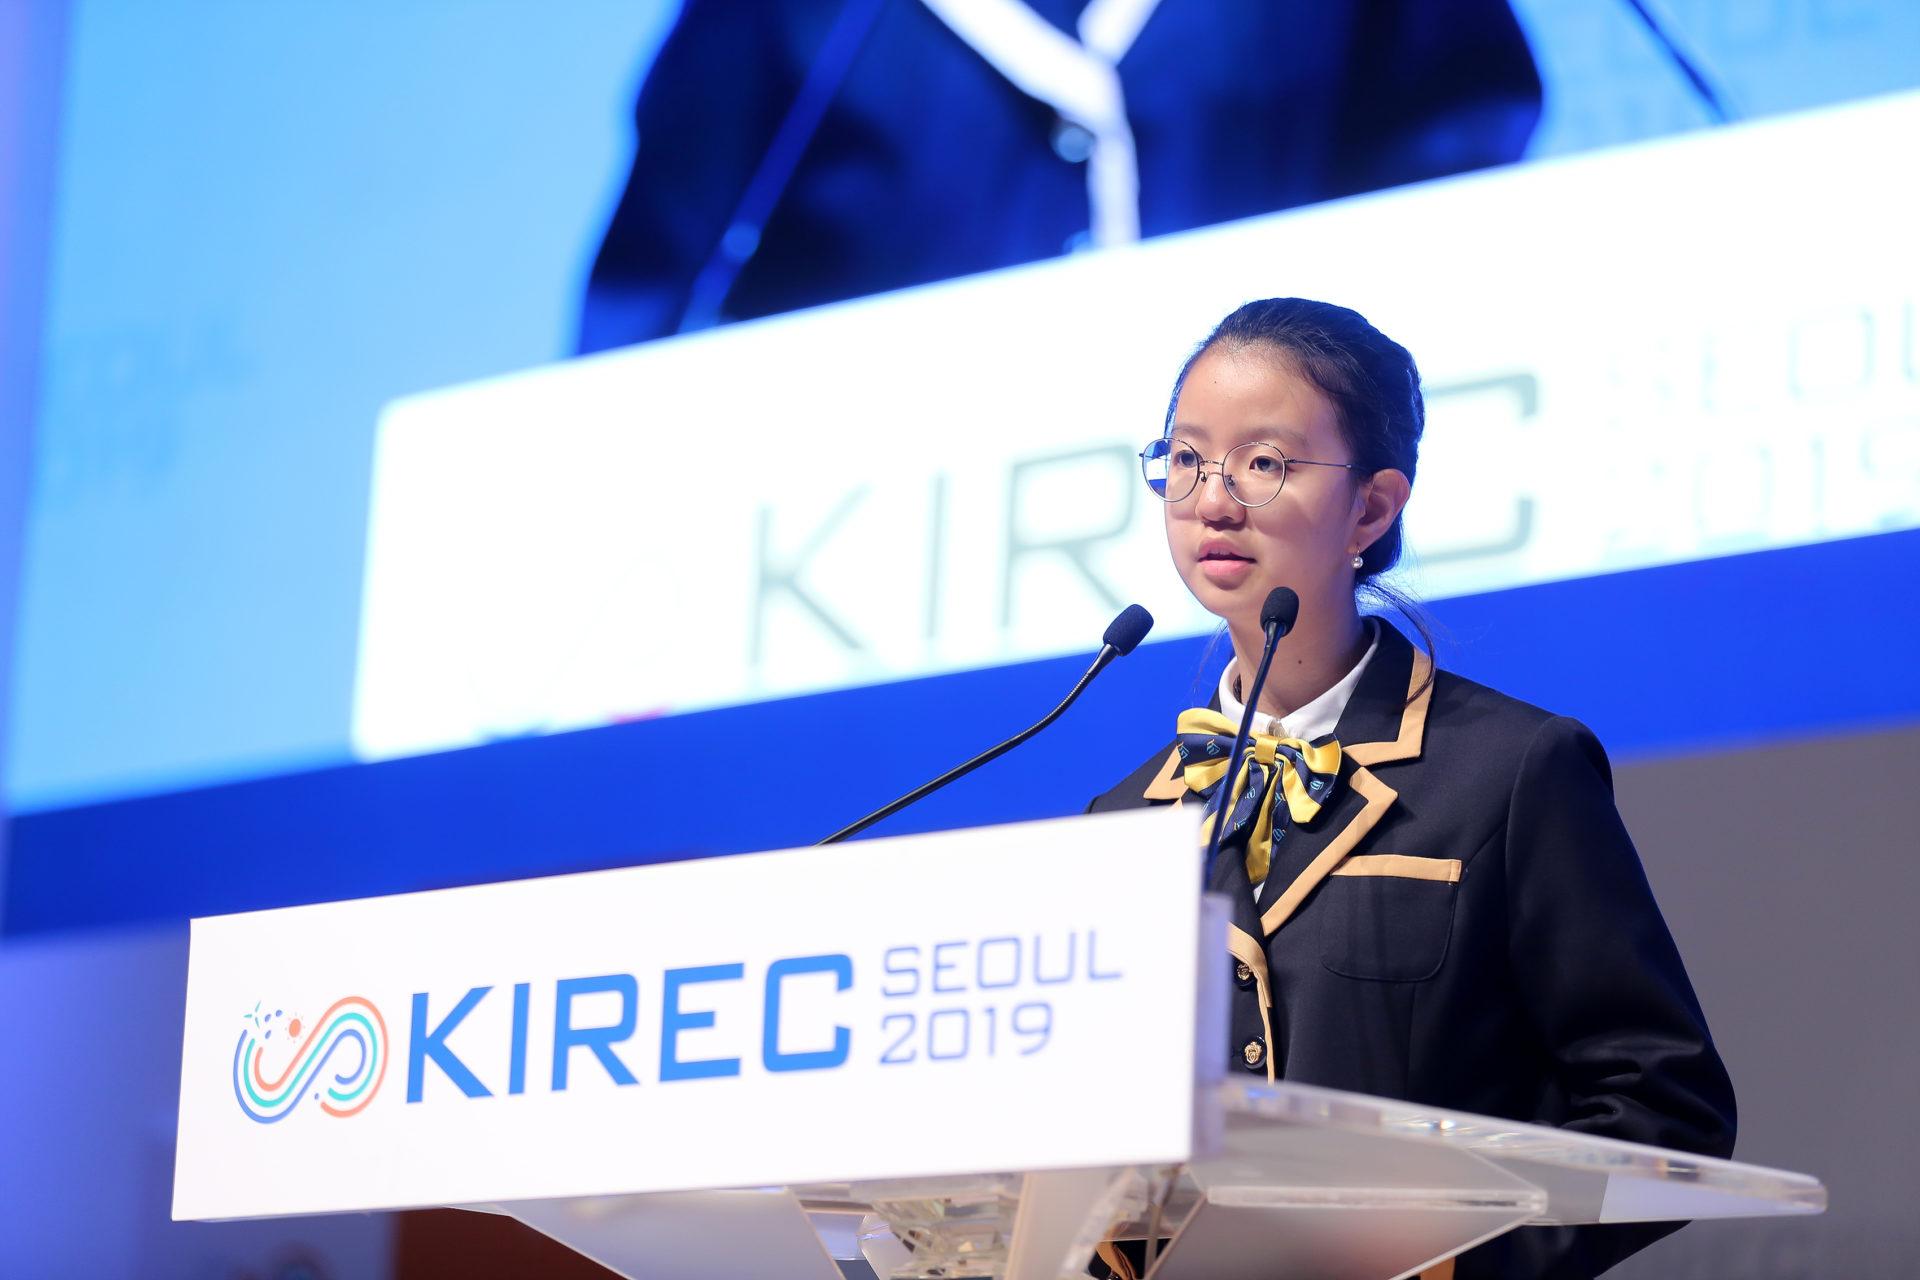 What happened at KIREC Seoul 2019 ?